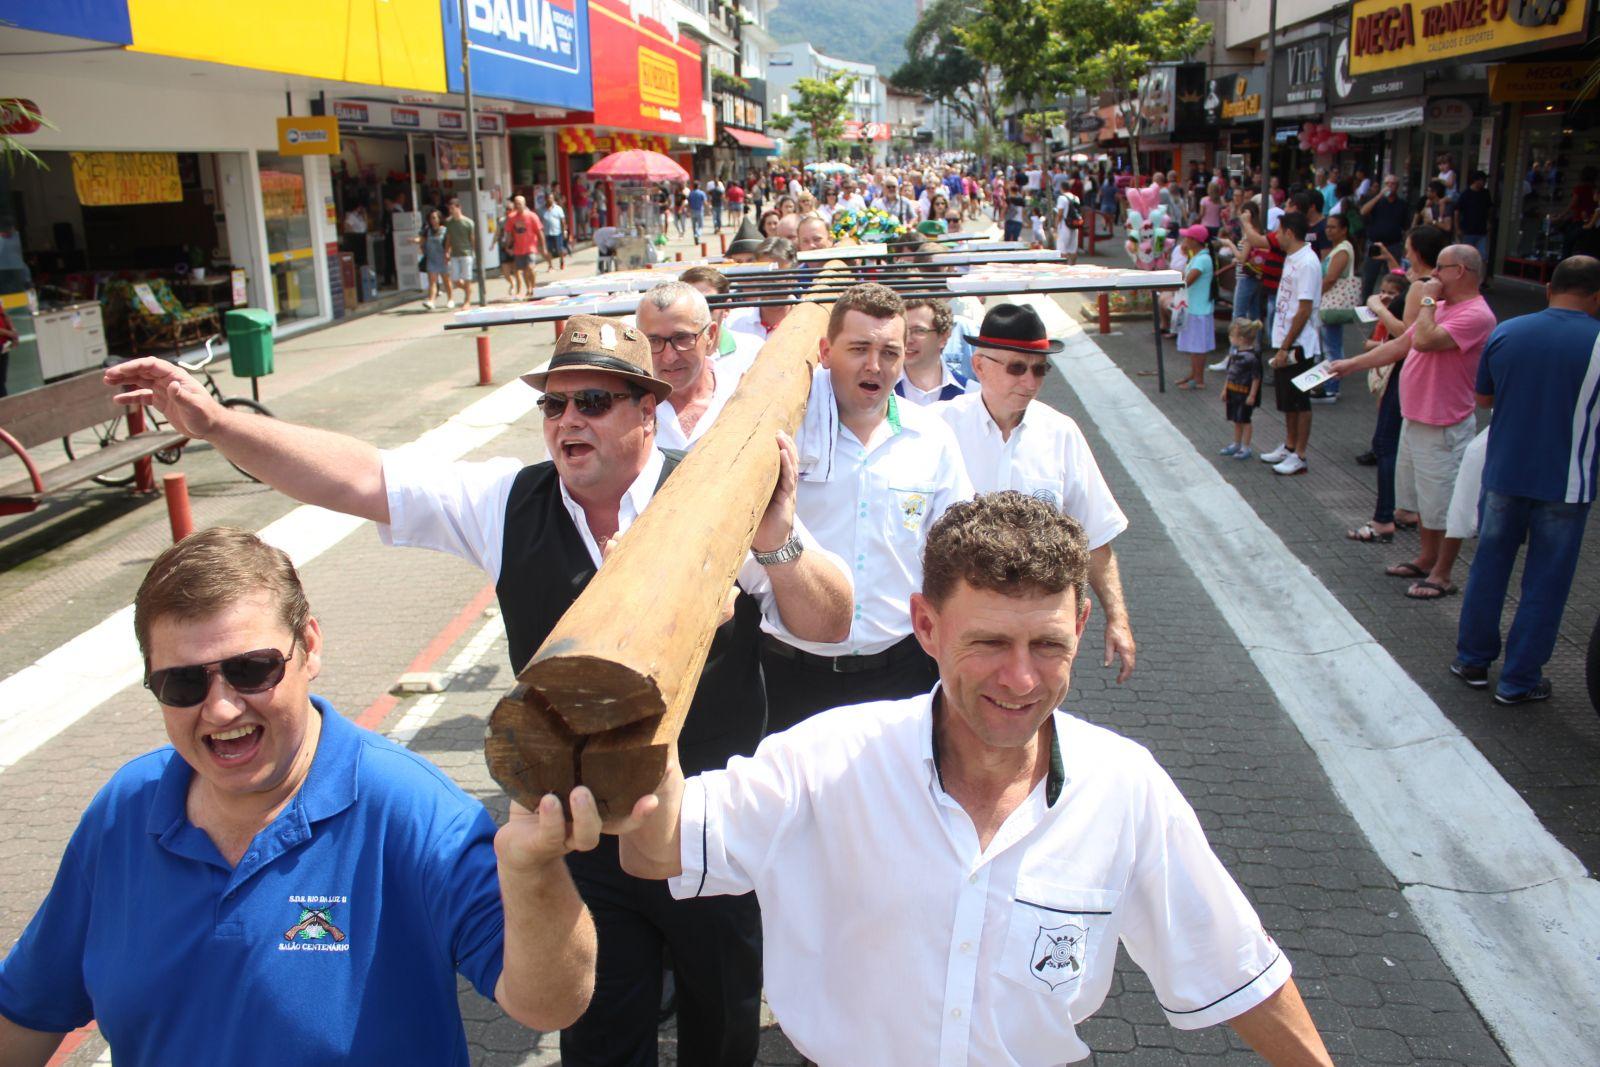 Desfile no centro de Jaraguá do Sul. Foto: Prefeitura de Jaraguá do Sul